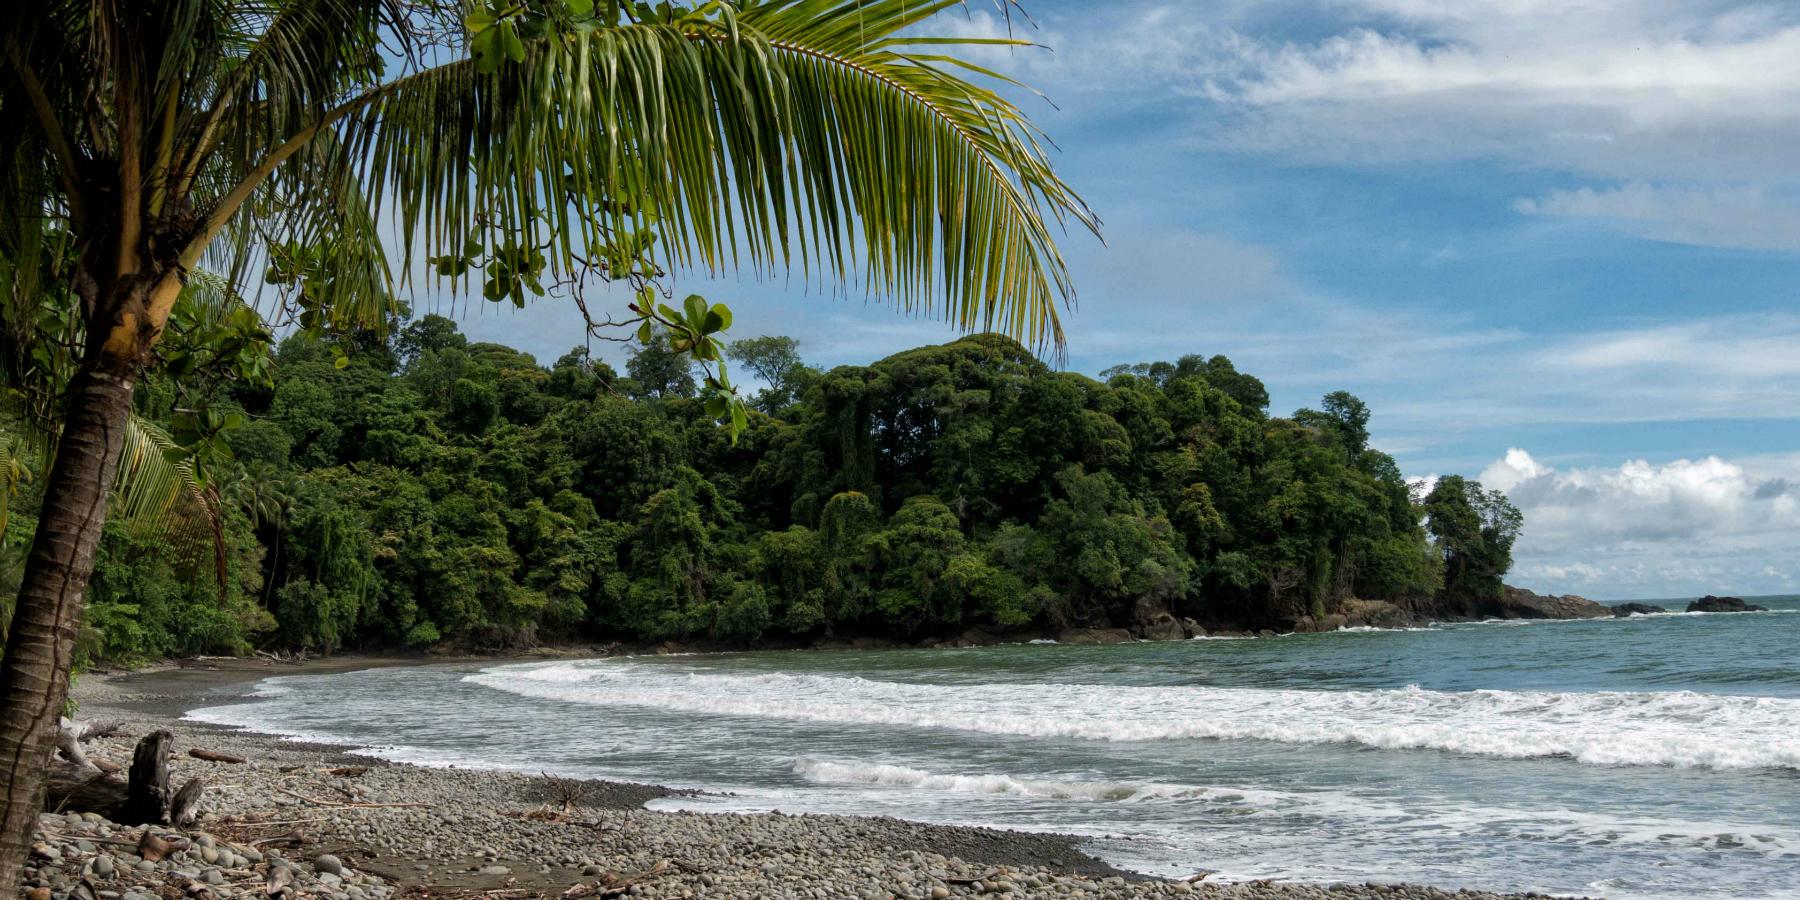 P1020184 Charlie Hervier couv - Vidéo : Playa del Coco et Bahia Drake, sur la côte Pacifique du Costa Rica